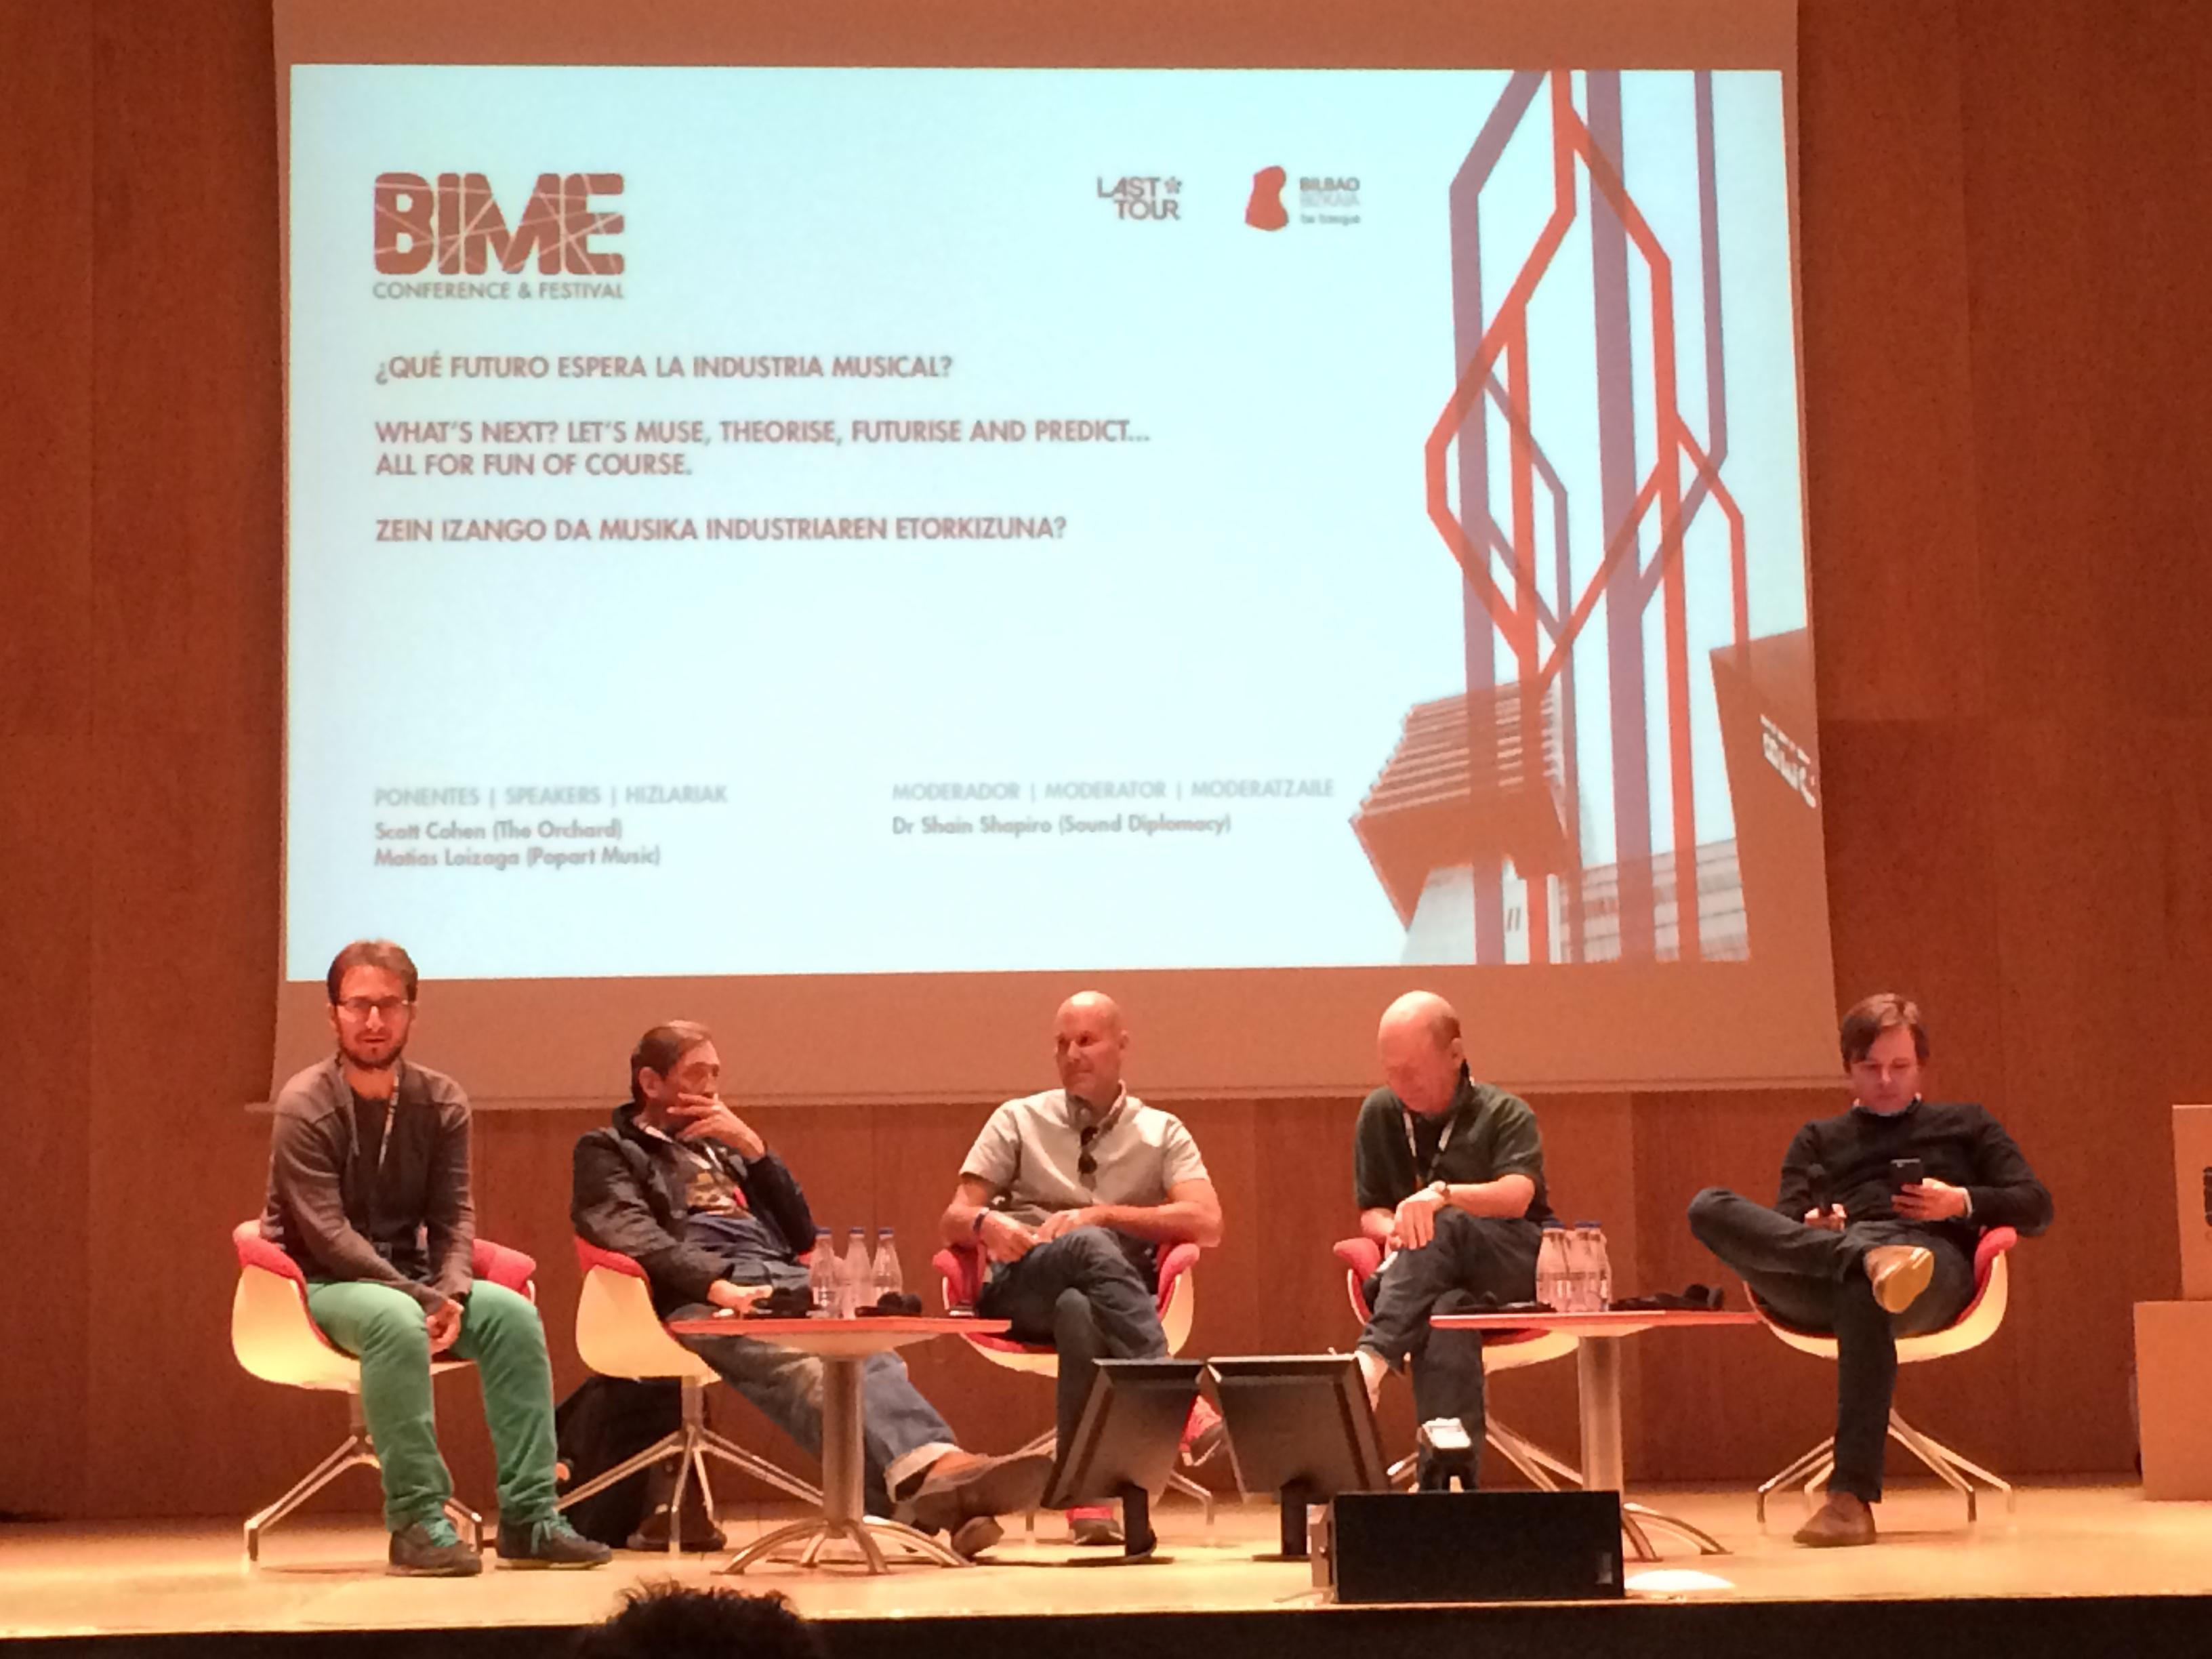 BIME días 2 y 3: Revolución digital y marcas en Latinoamérica, Benji Rogers, el futuro de la música y mucho más